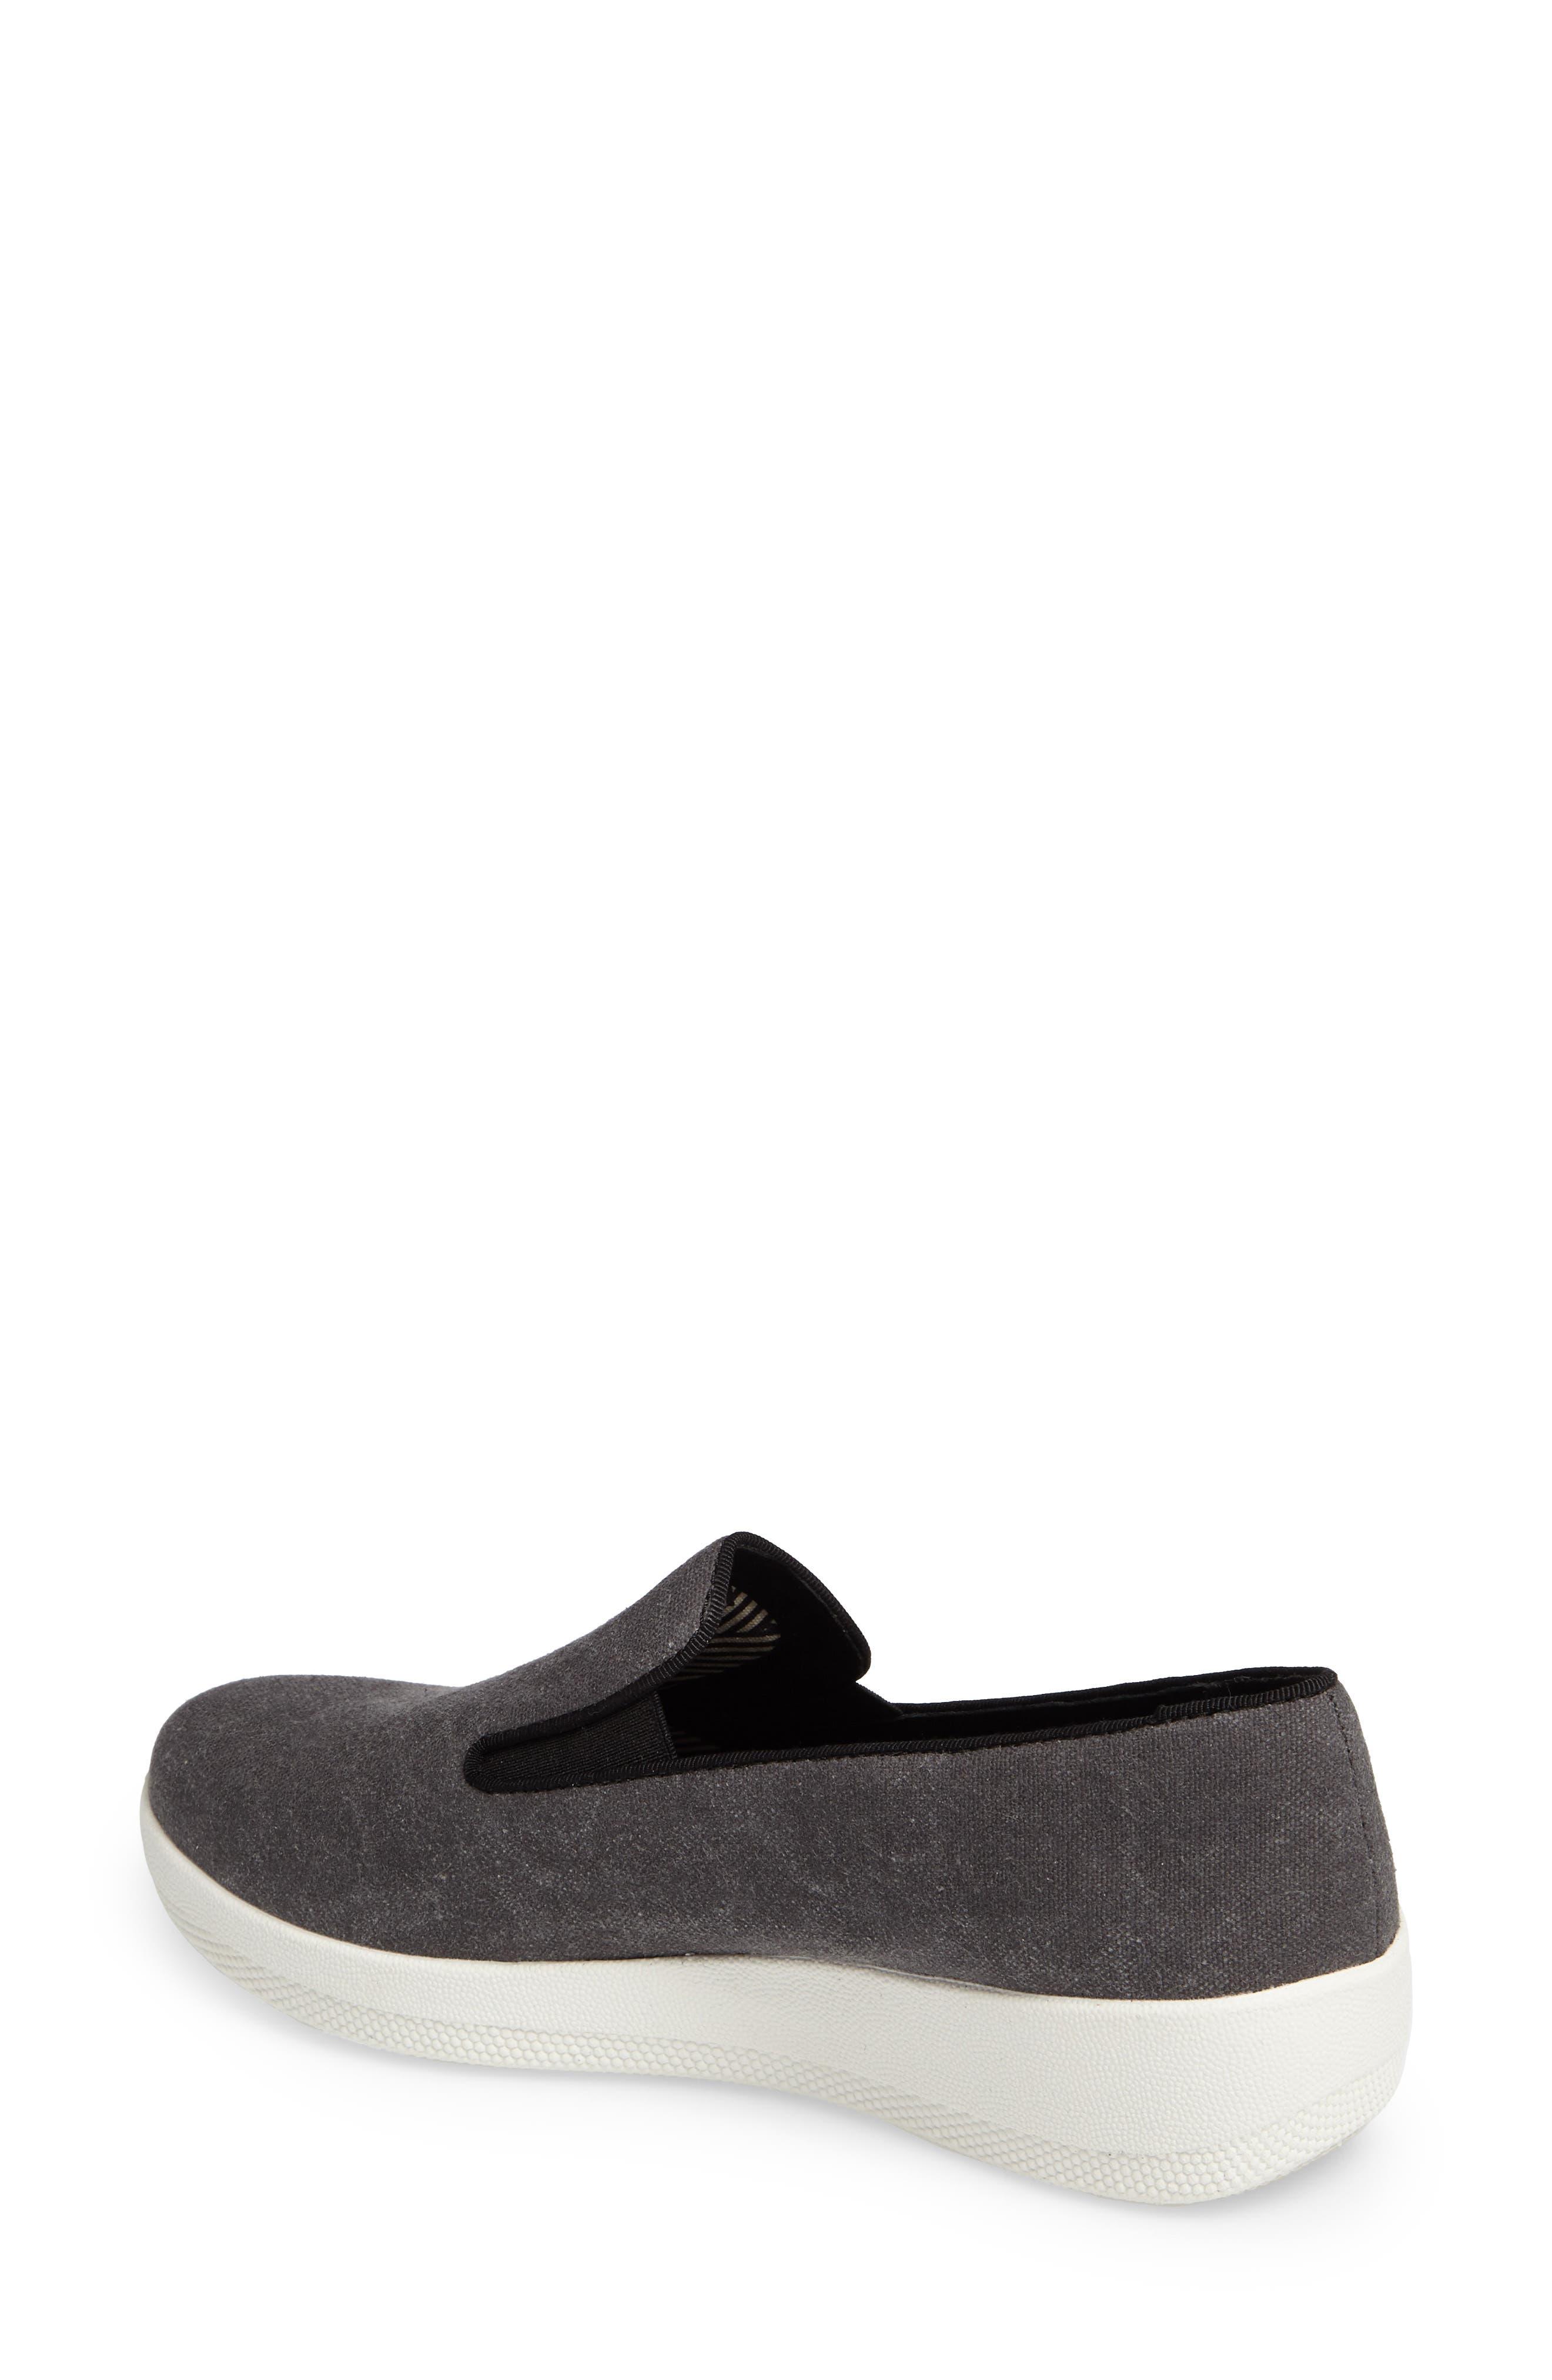 Superskate Slip-On Sneaker,                             Alternate thumbnail 25, color,